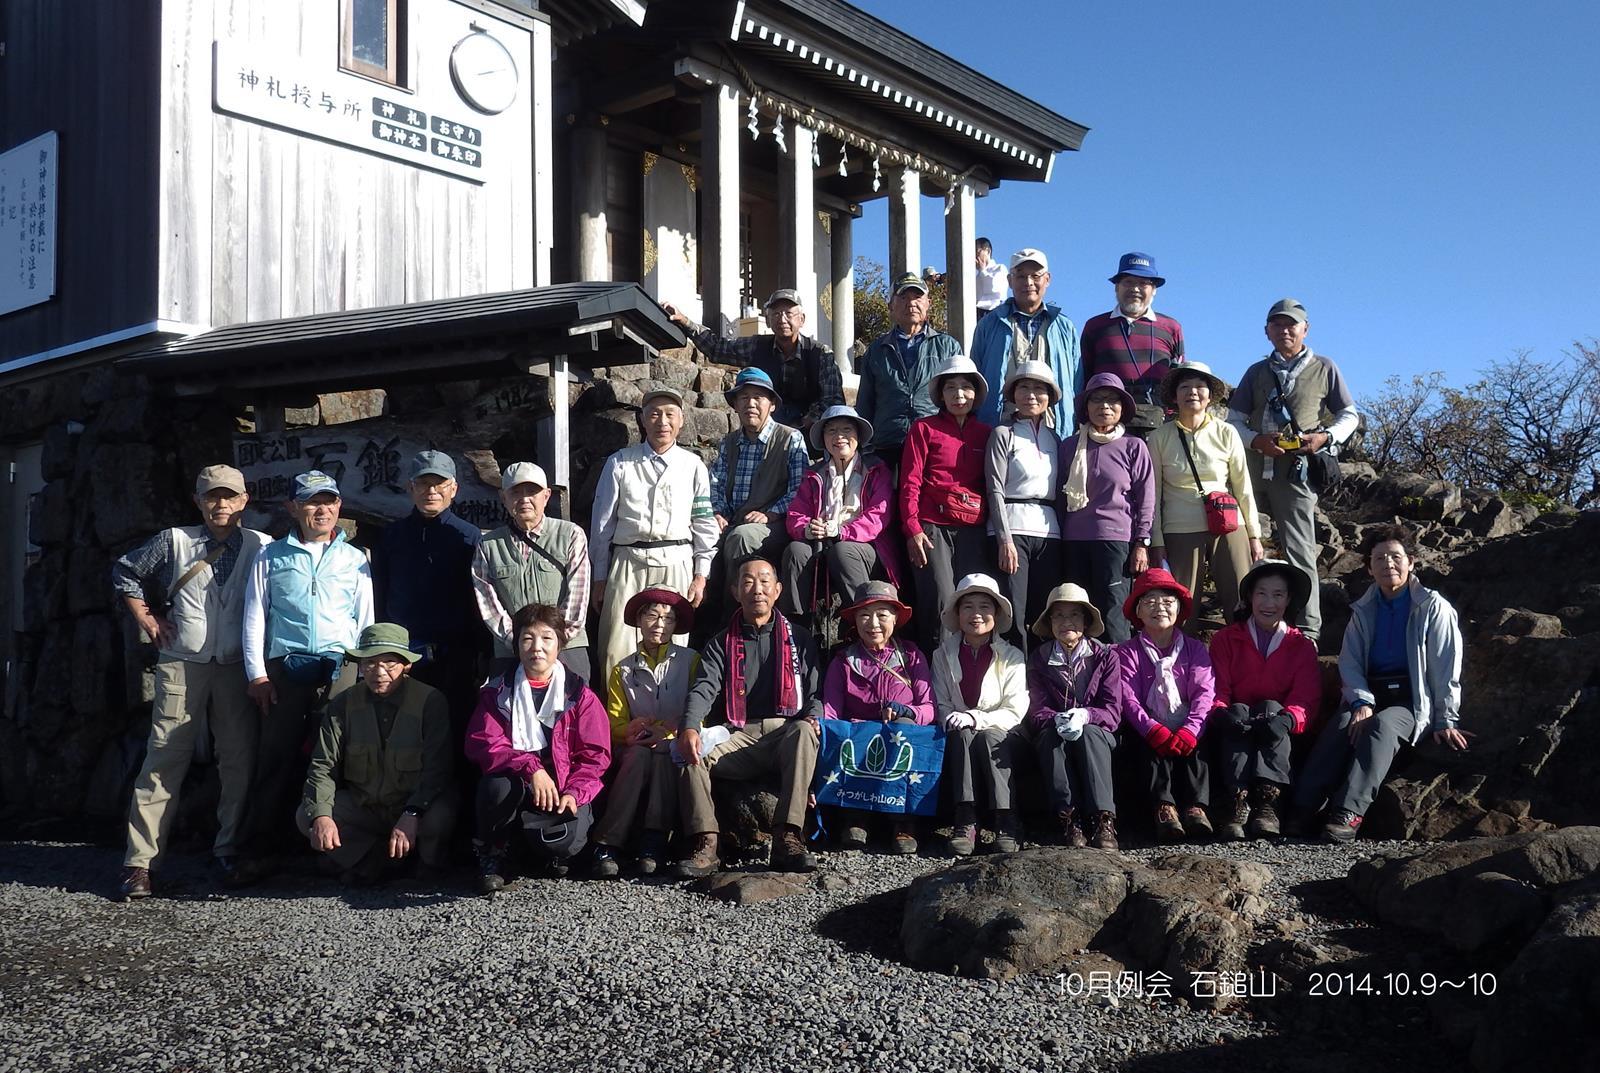 集合写真  参加者26名 (男13人 女13人)